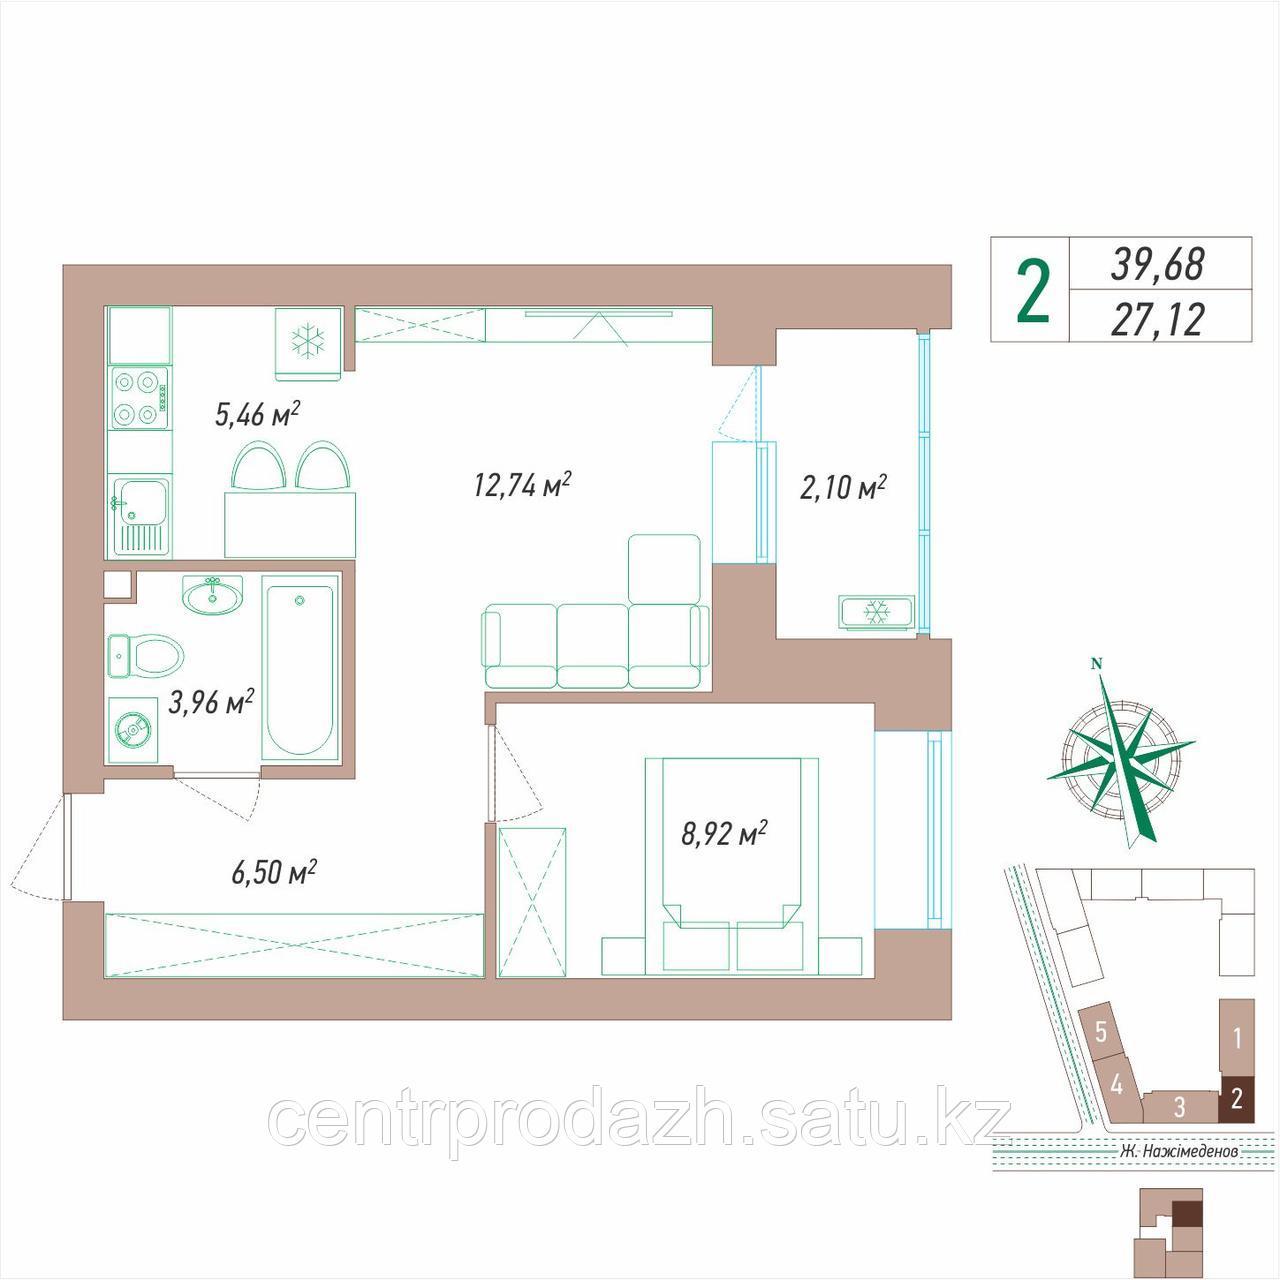 2 комнатная квартира в ЖК VIEW PARK 39.68 м²